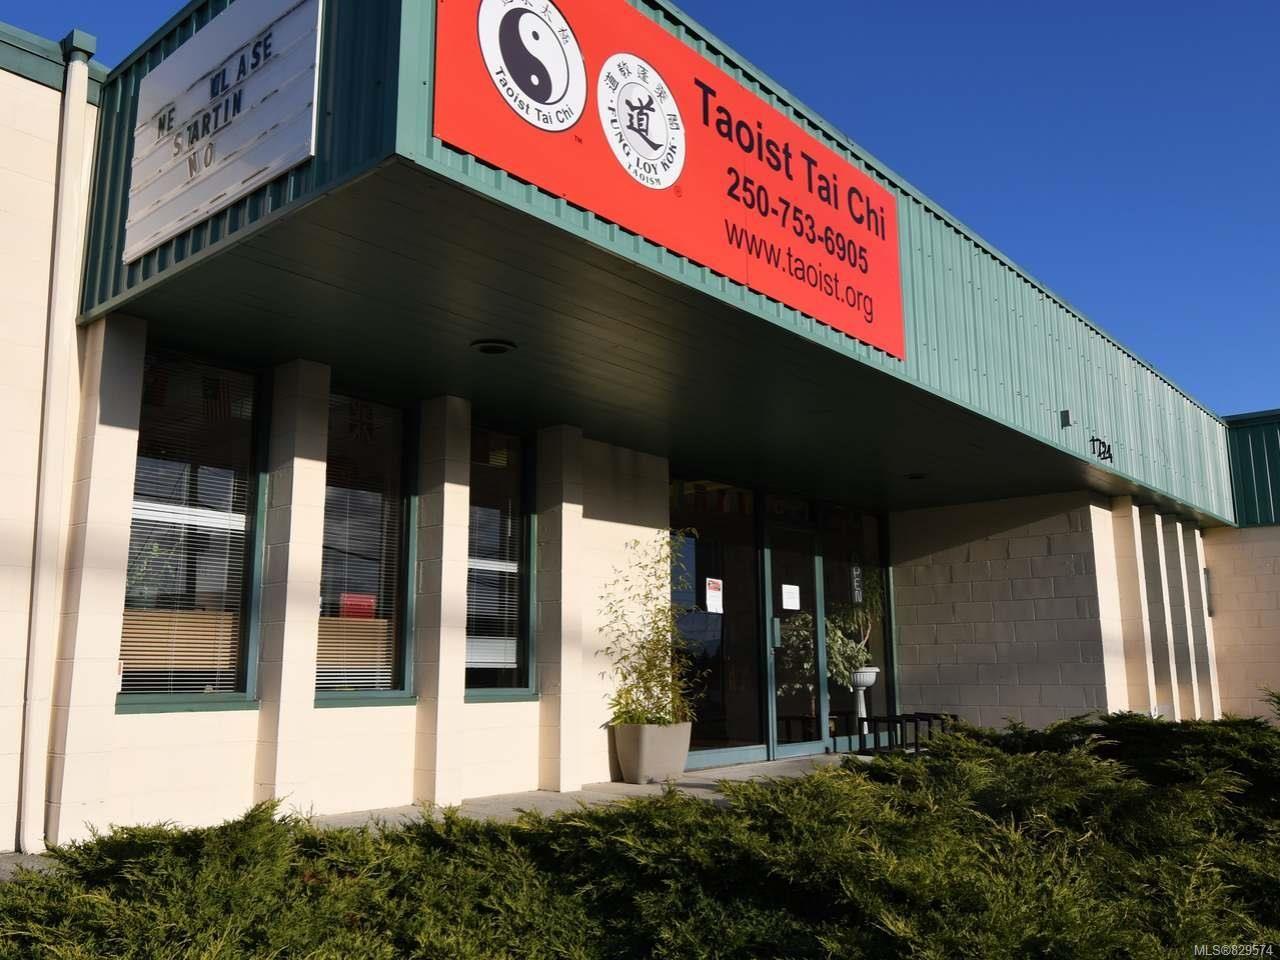 Main Photo: 1724 Bowen Rd in NANAIMO: Na Central Nanaimo Mixed Use for lease (Nanaimo)  : MLS®# 829574